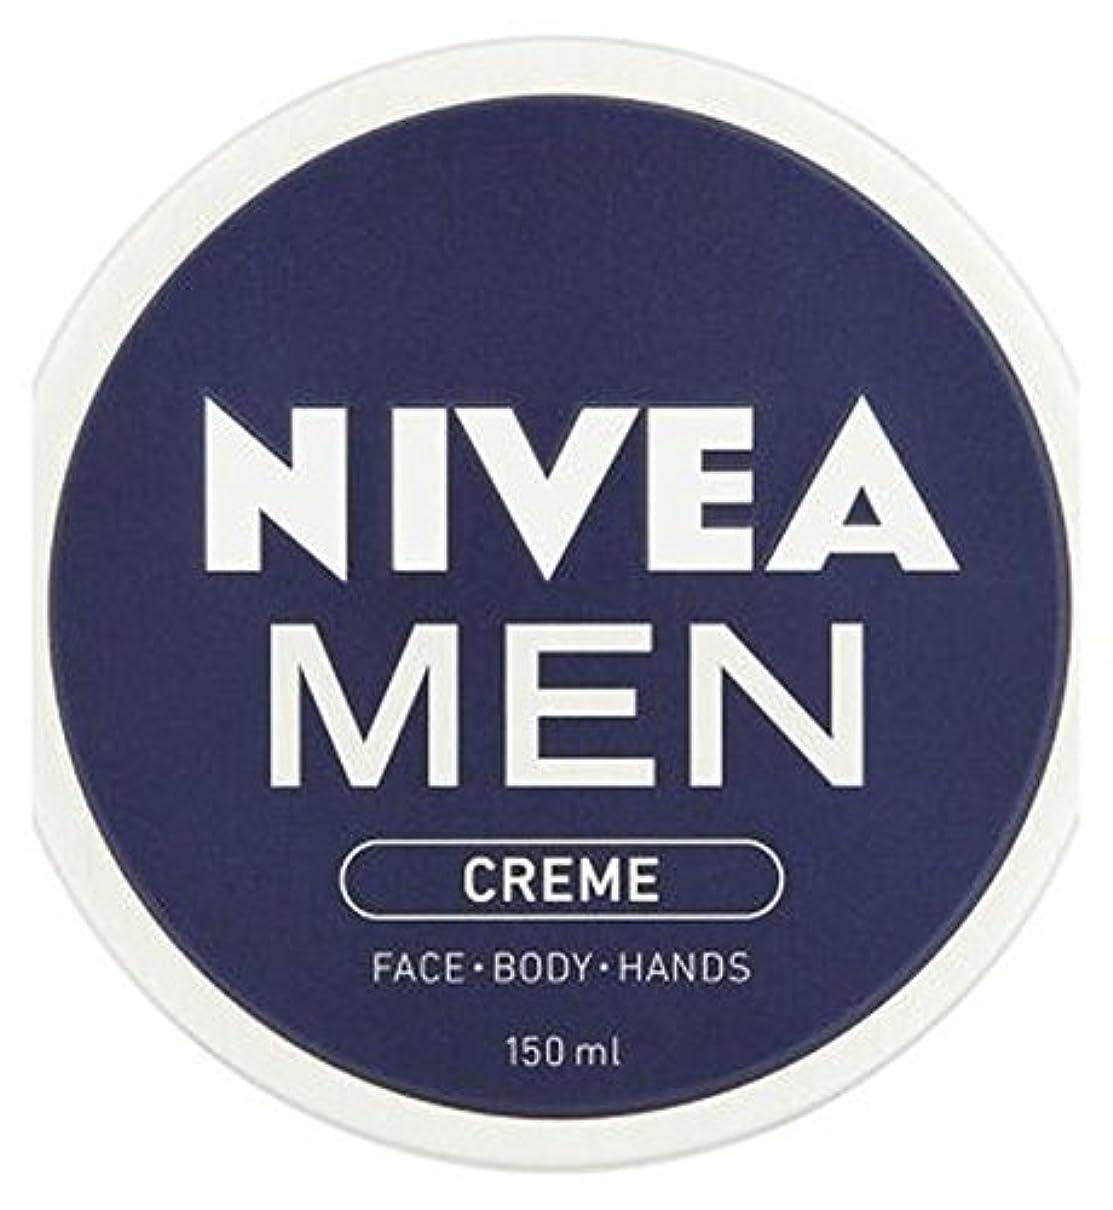 天窓番目読書NIVEA MEN Creme 150ml - ニベアの男性が150ミリリットルクリーム (Nivea) [並行輸入品]